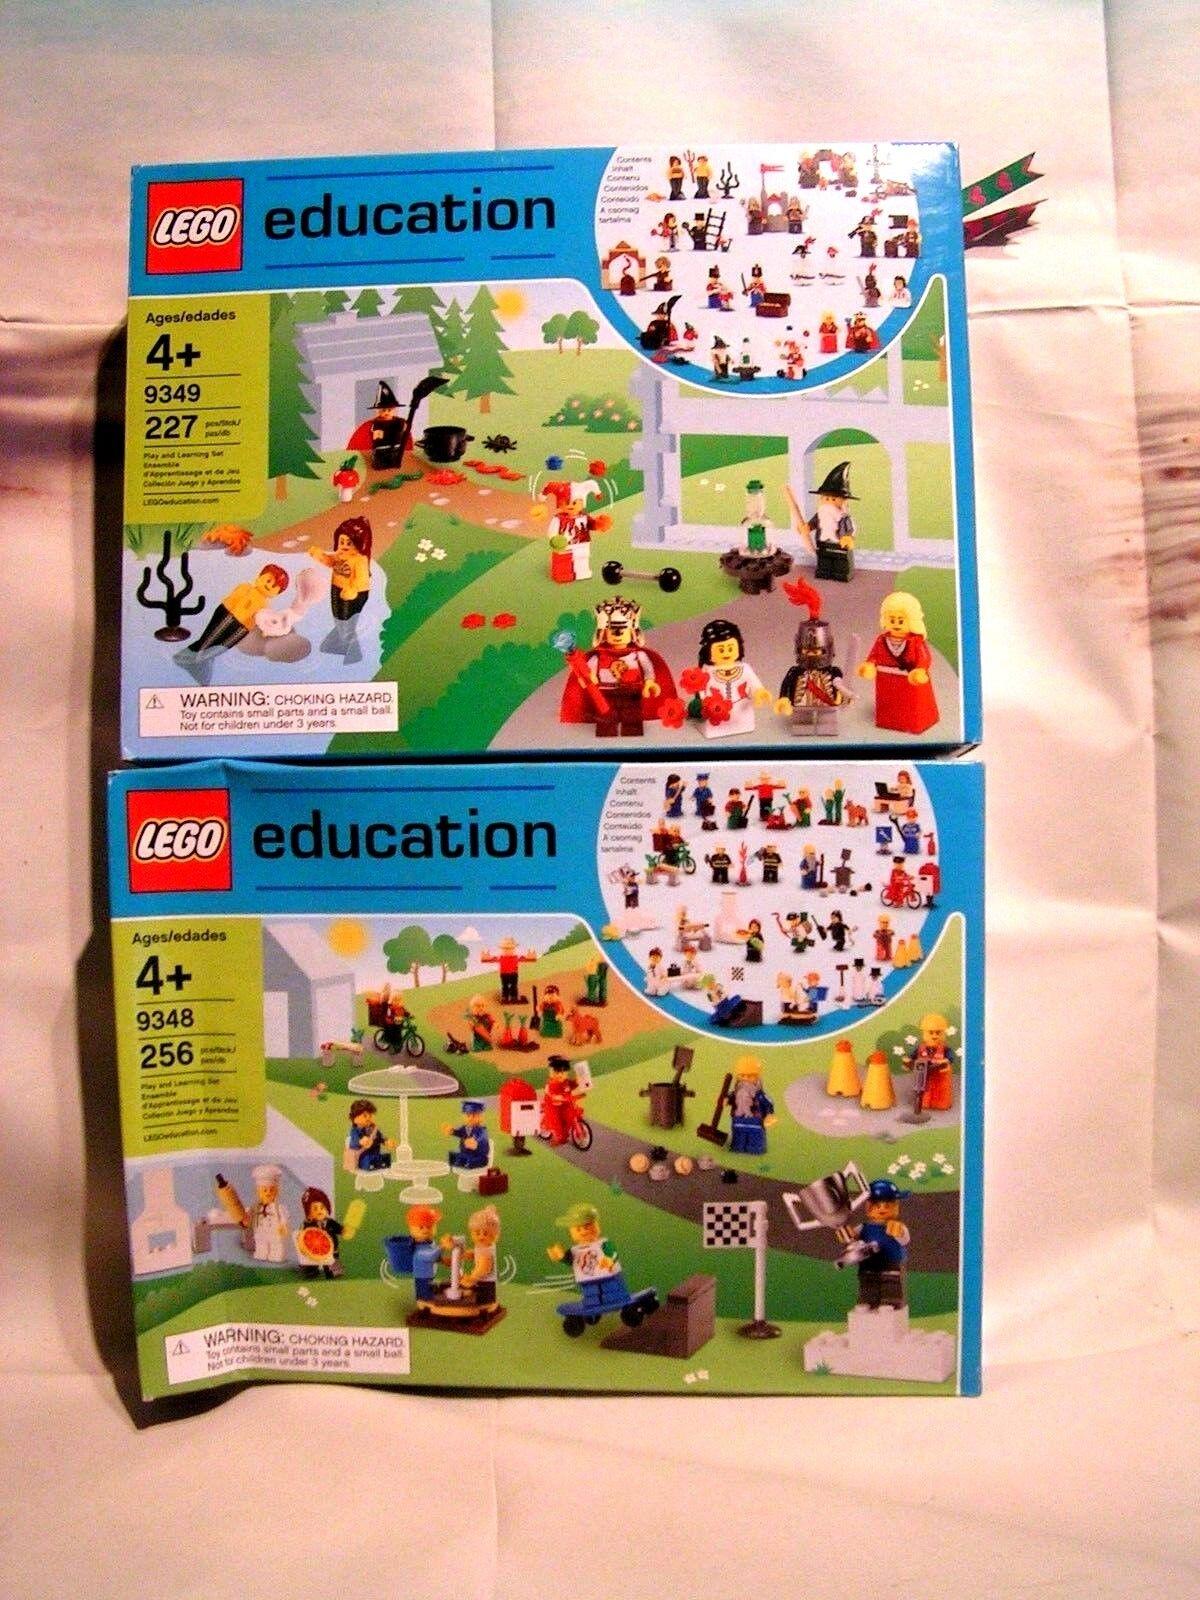 LEGO  EDUCATION RARE -  ENSEMBLE DE PERSONNAGES ET ACCESSOIRES  MAGIE  classico senza tempo